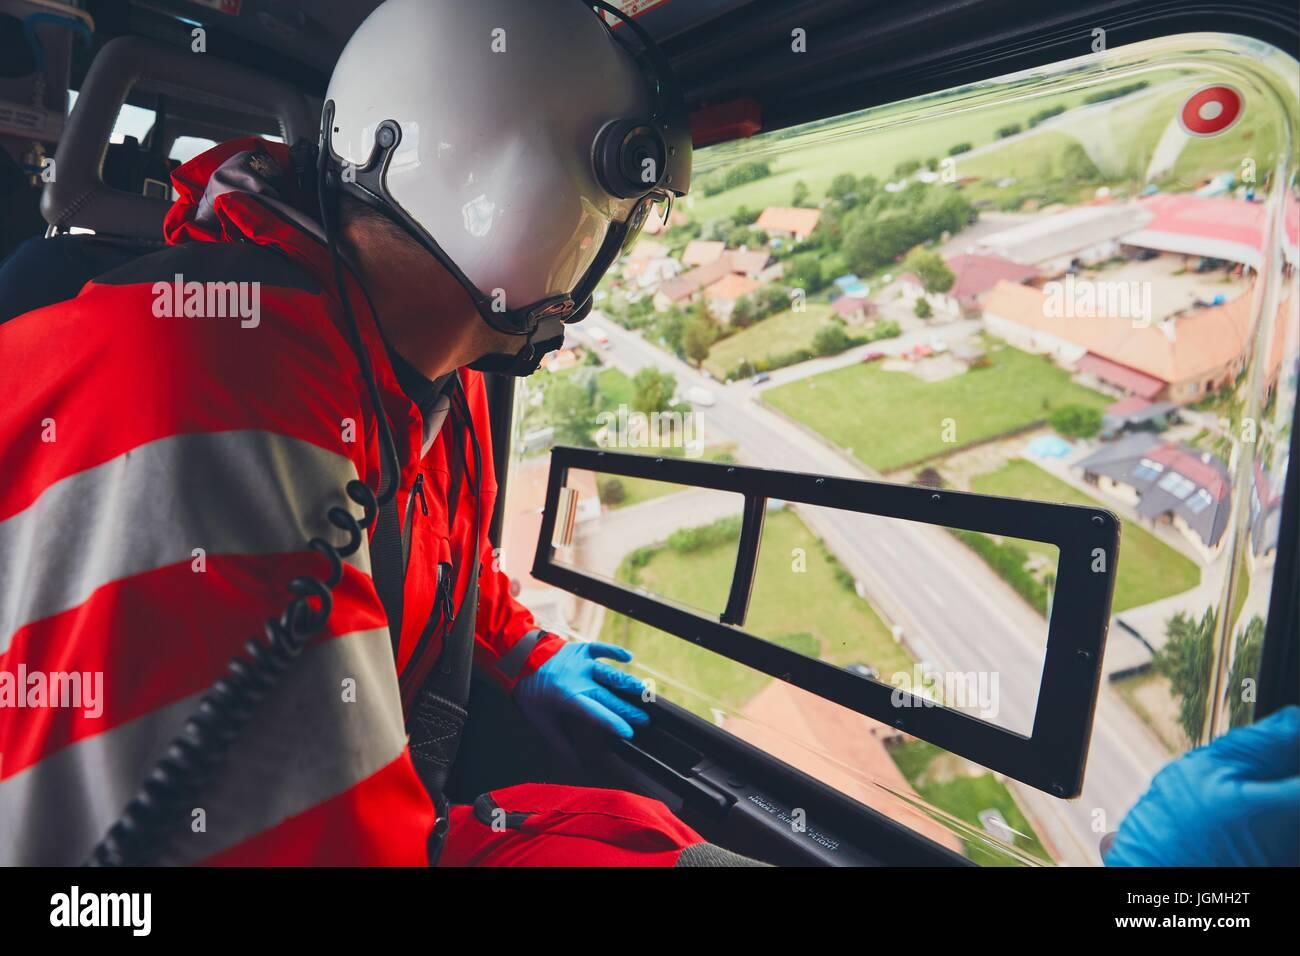 Alarm für Hubschrauber Rettungsdienst. Arzt suchen-Fenster auf die Straße. Thema Rettung, Hilfe und Hoffnung. Stockbild